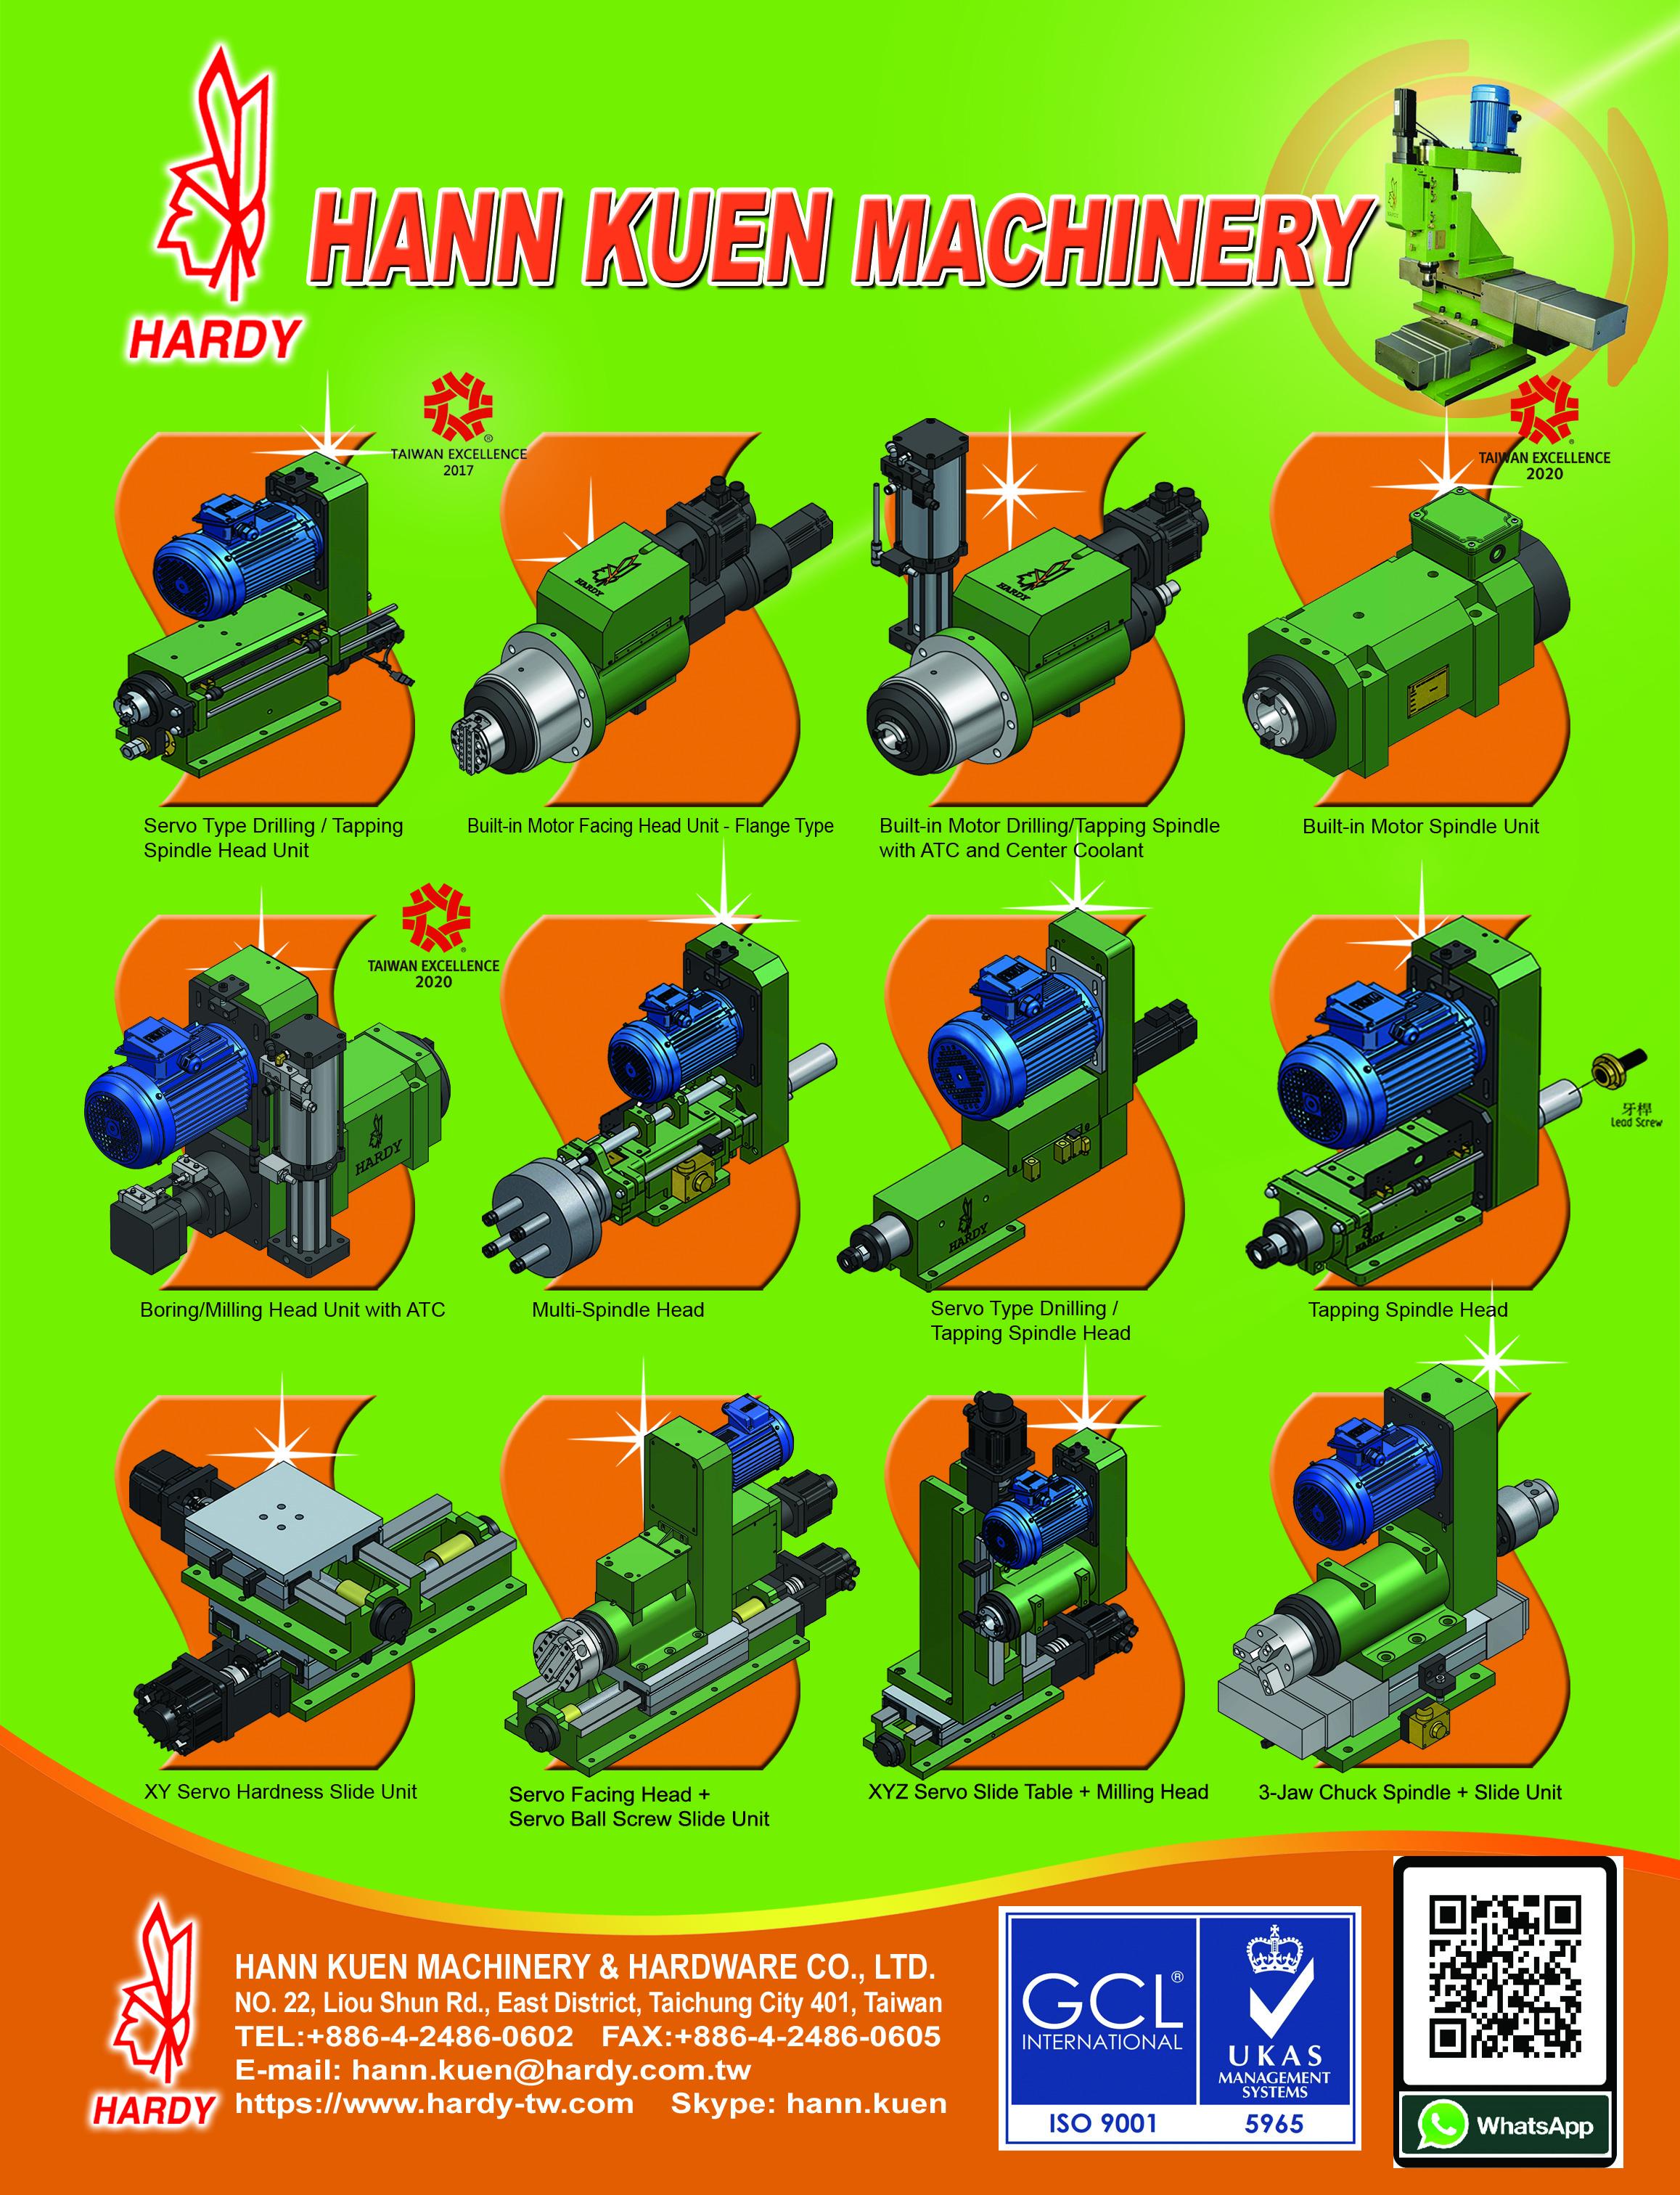 Hann Kuen Machinery